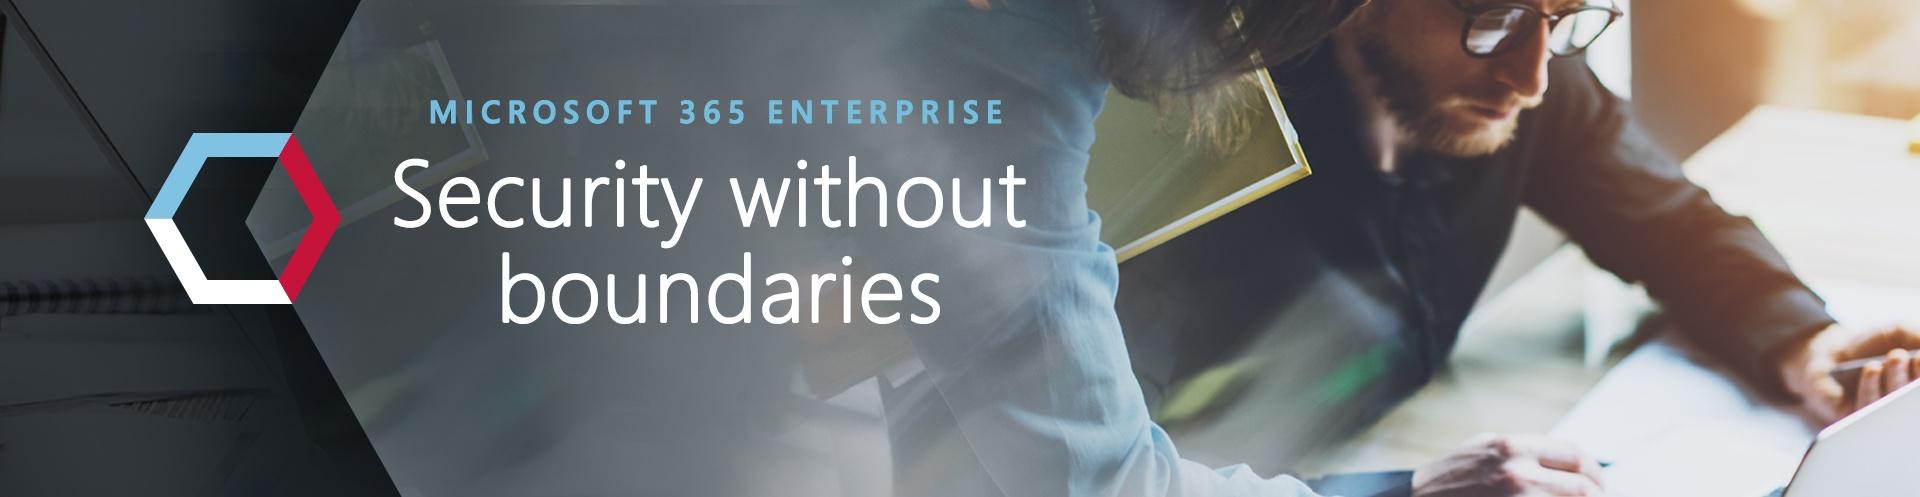 Microsoft 365 empowering workers.jpg